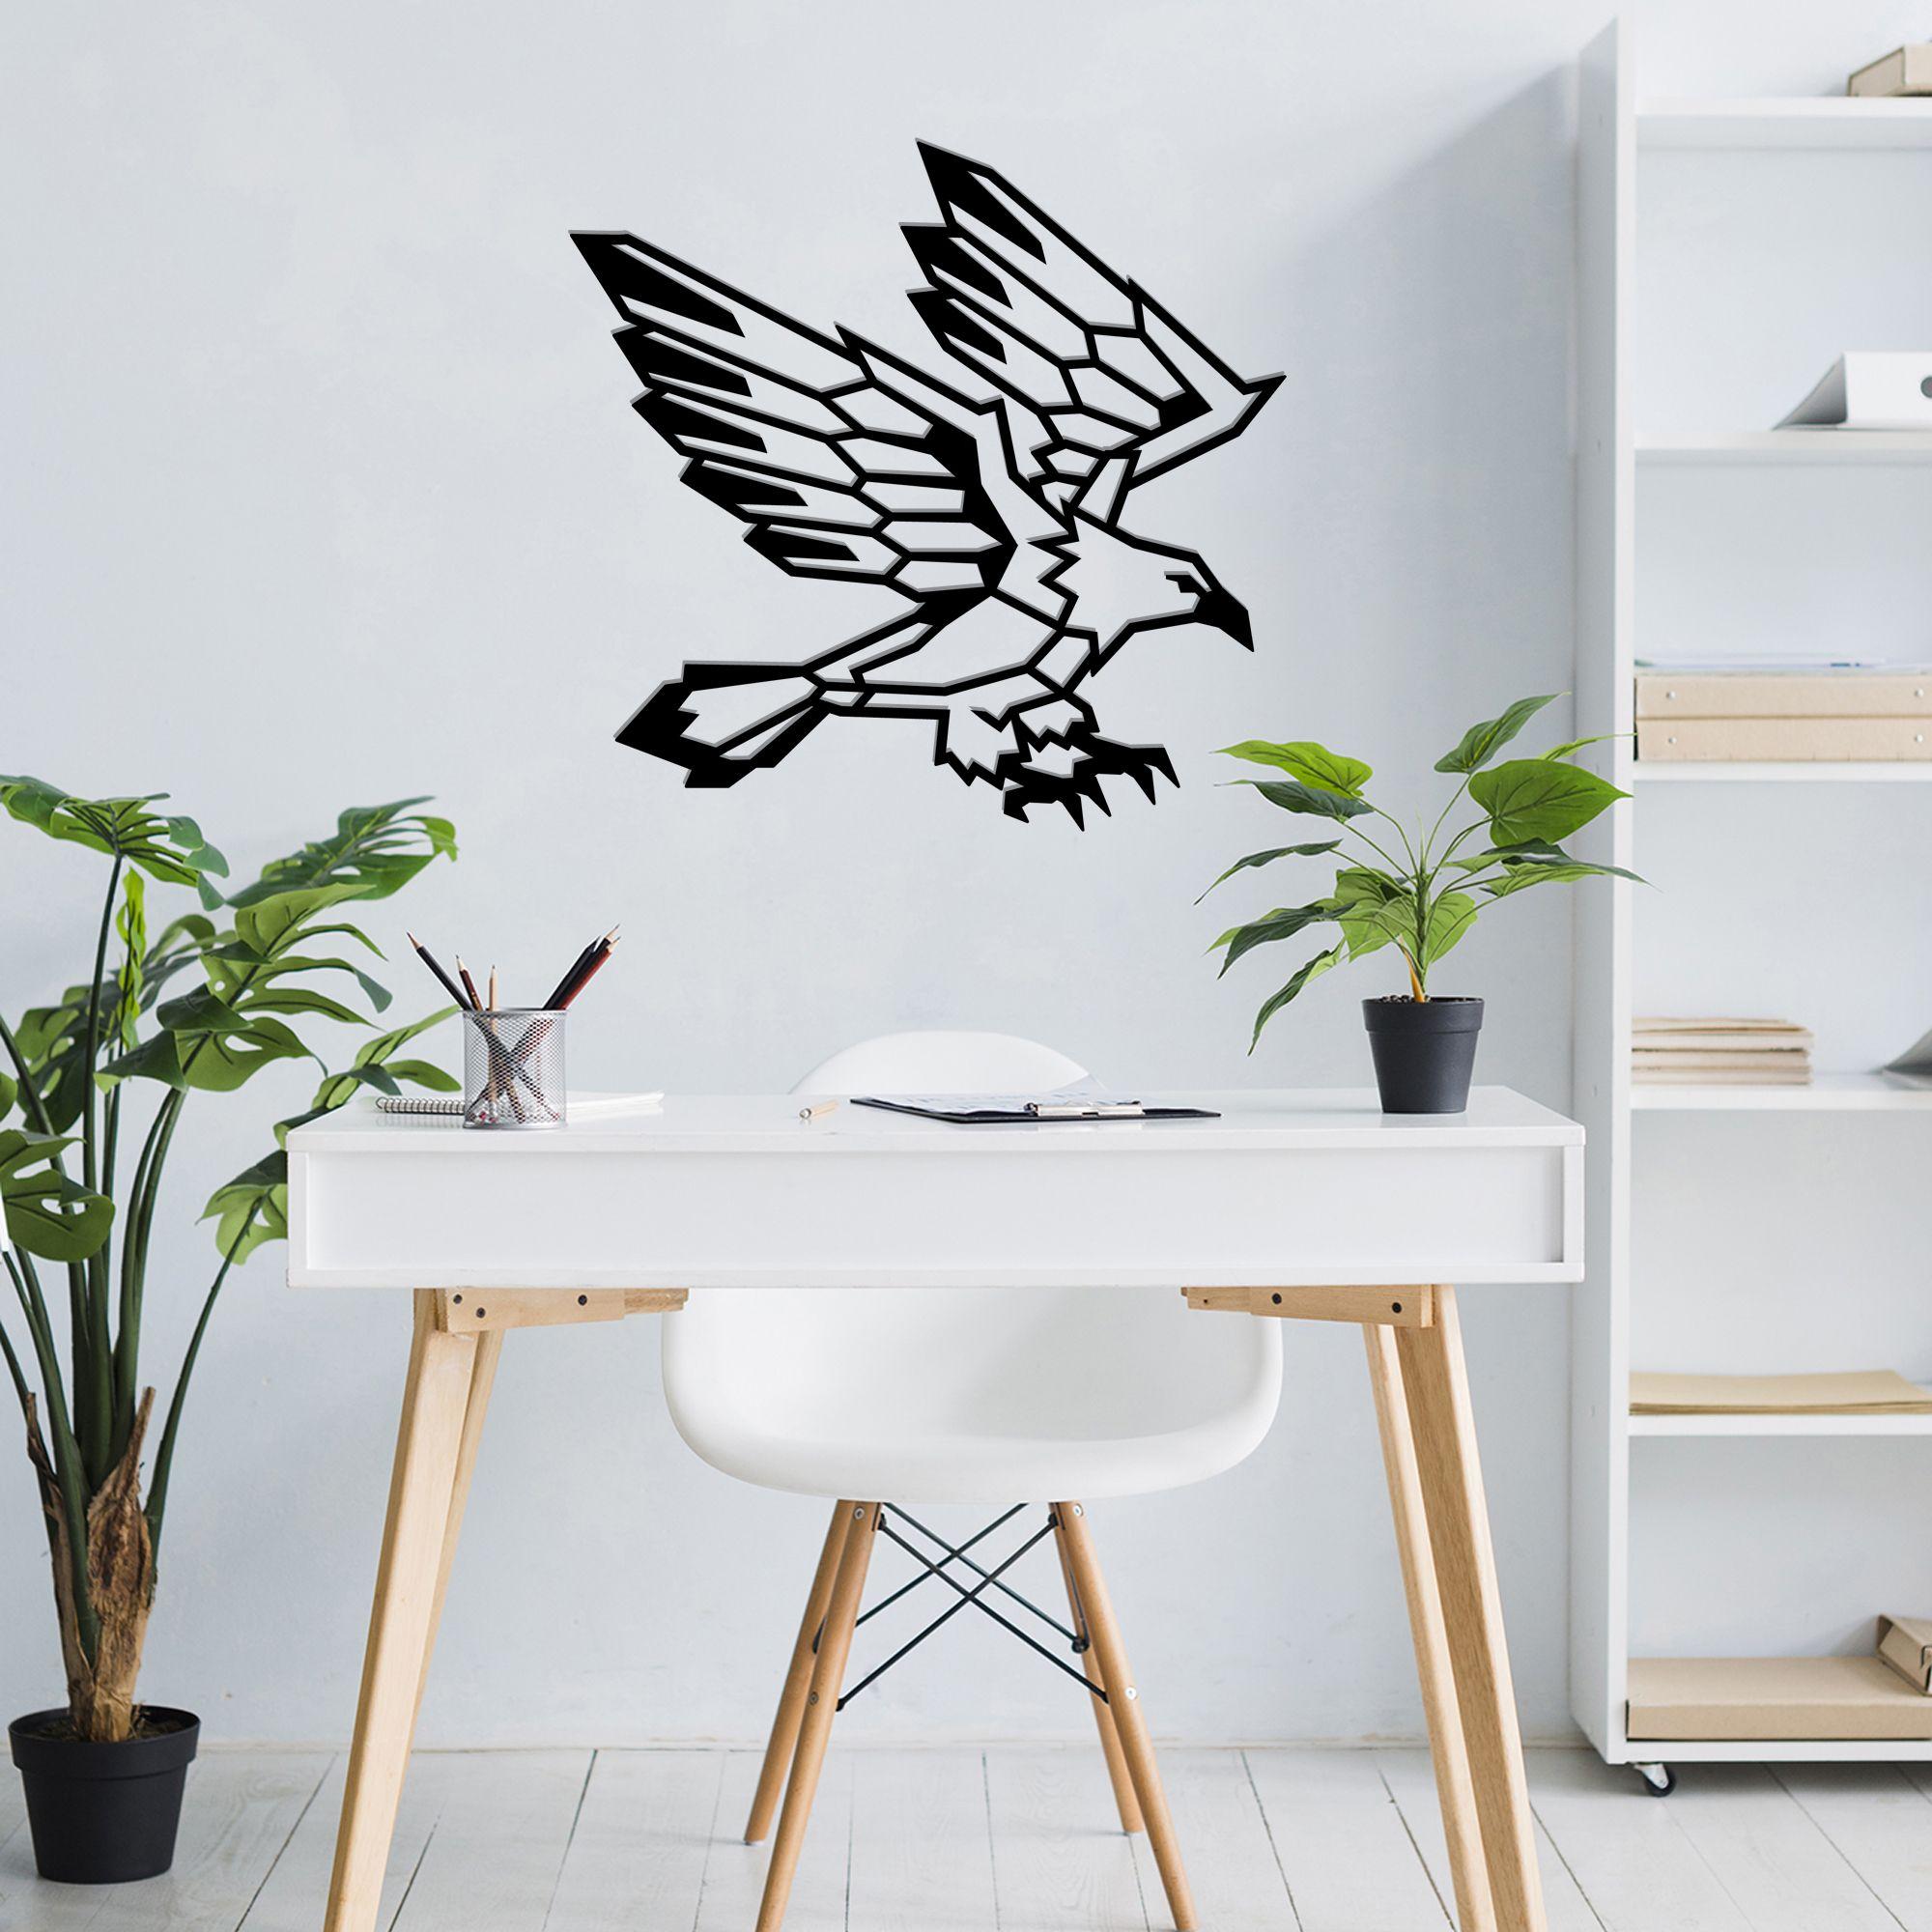 Eagle wall art metal wall decormetal wall art geometric